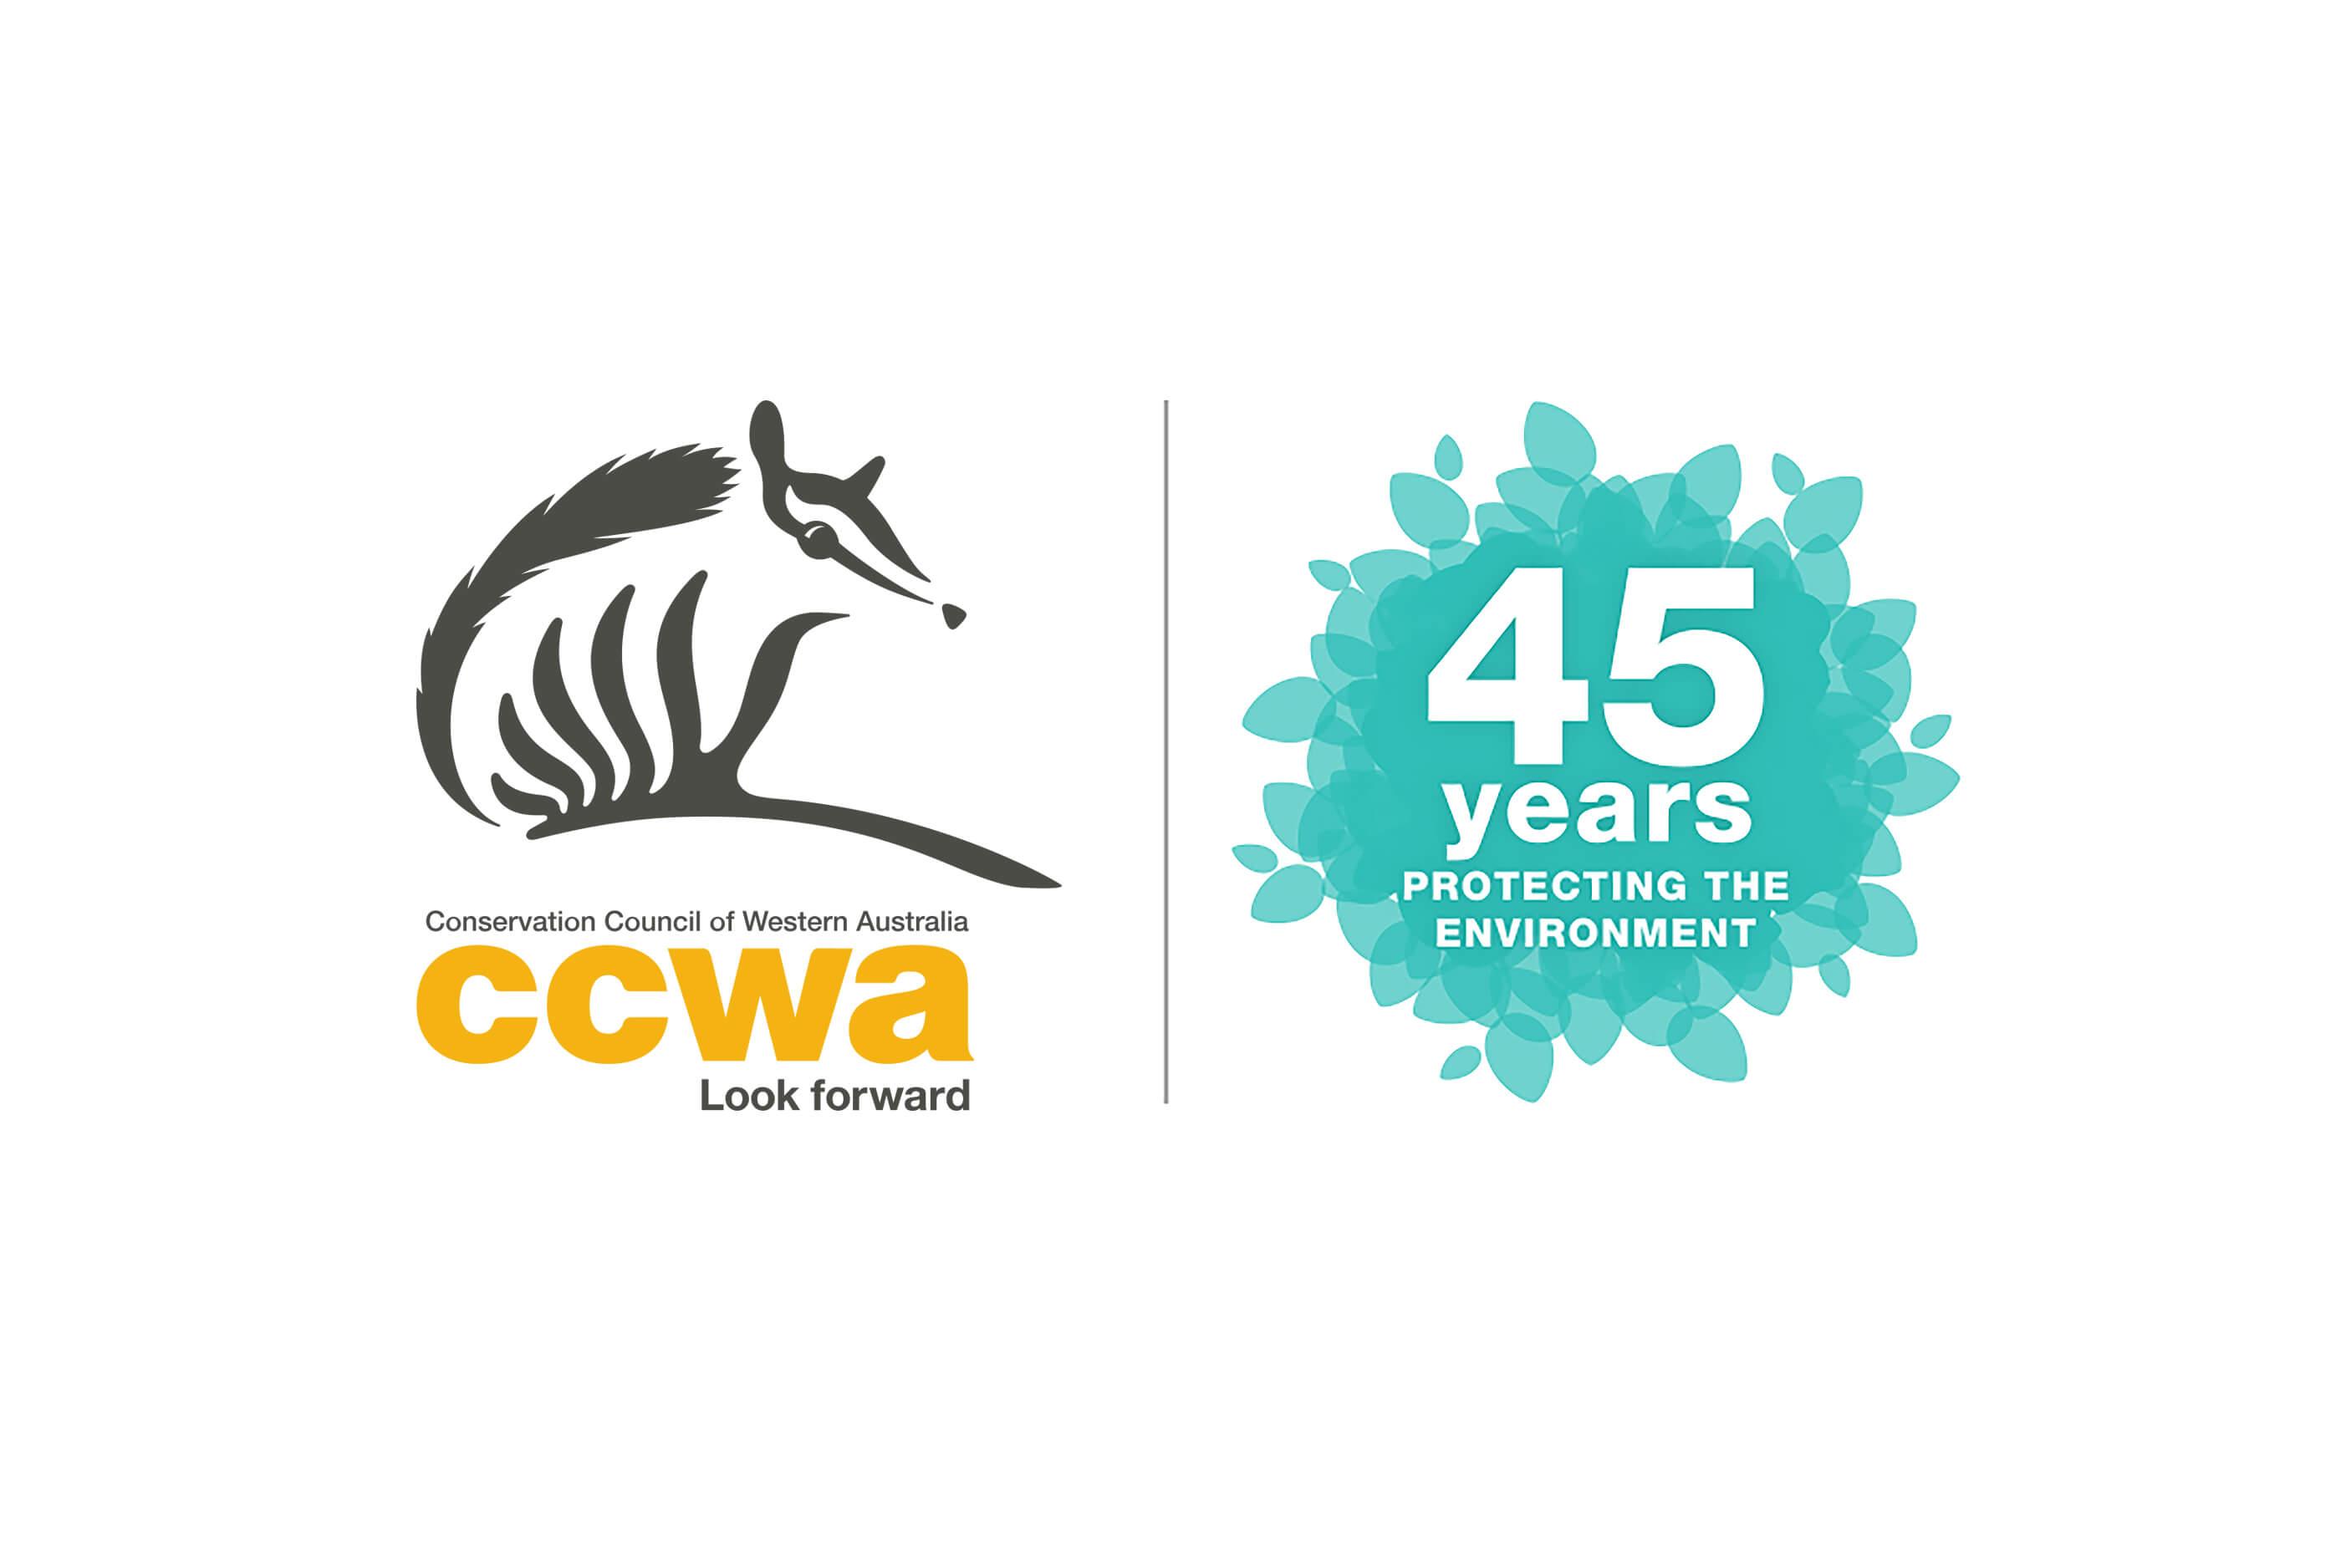 ccwa_45-year-anniversary